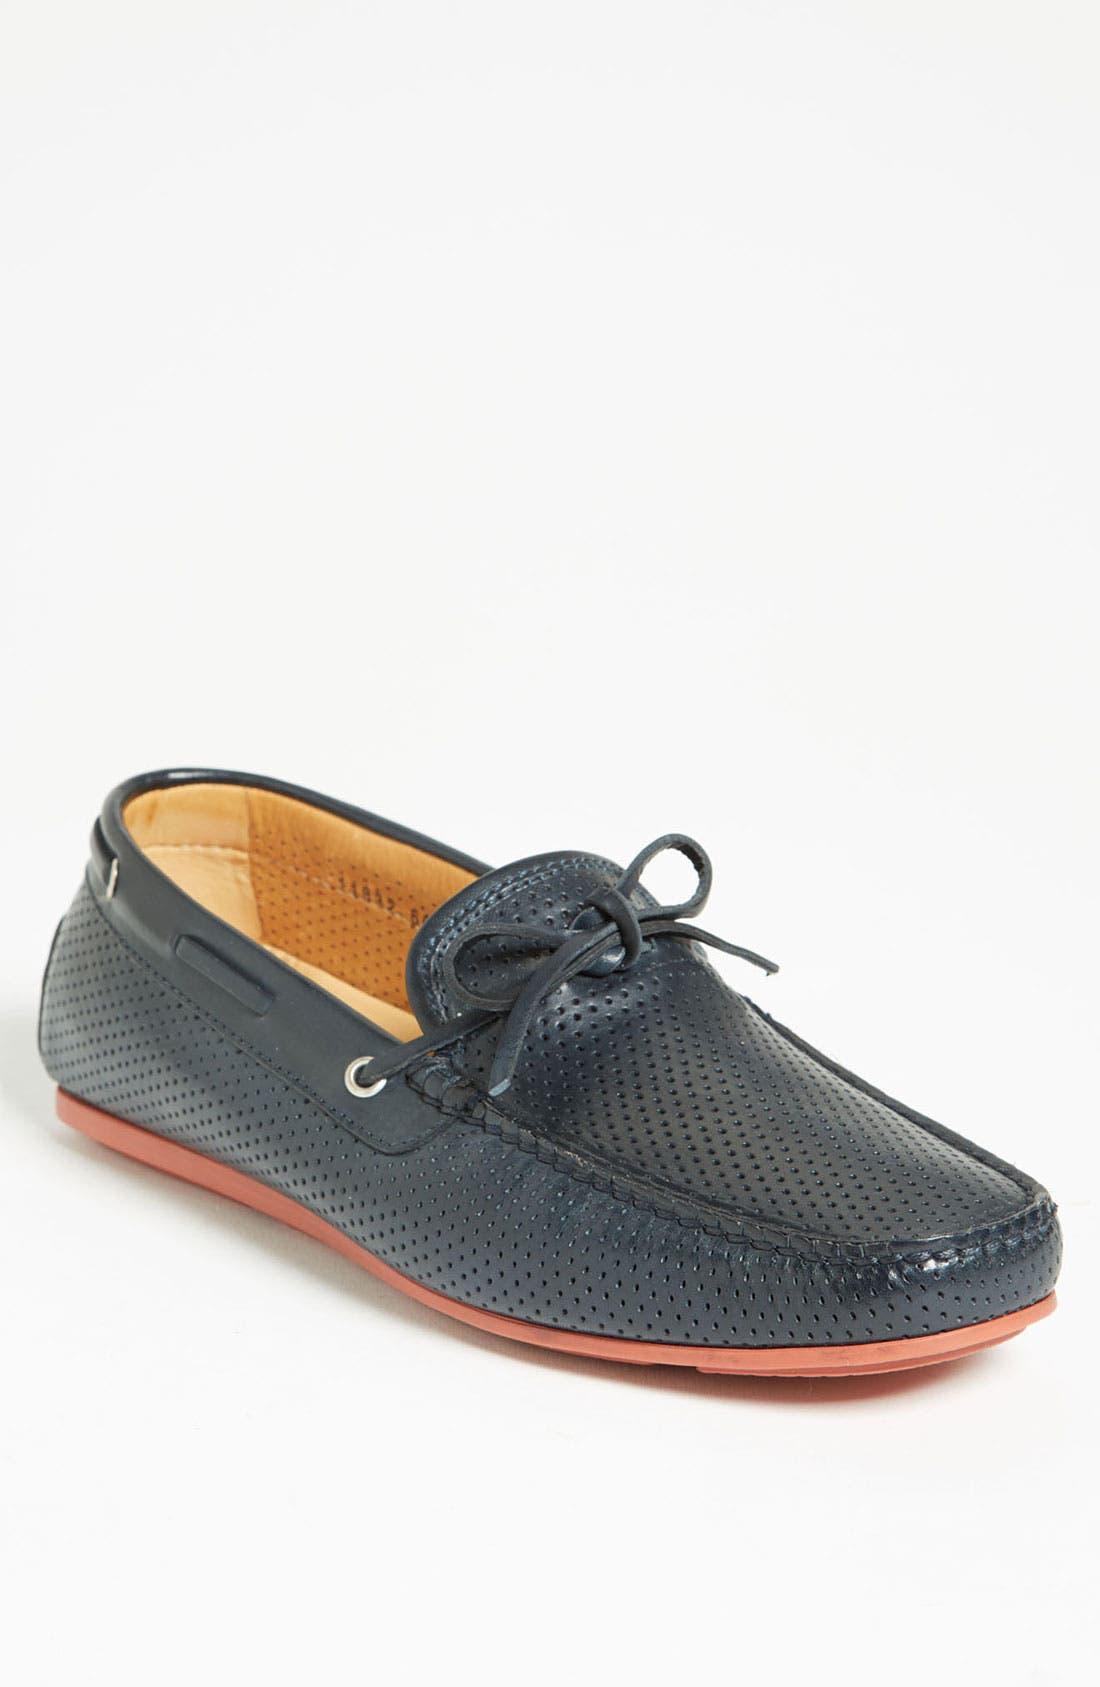 Main Image - Santoni 'Toft' Driving Shoe